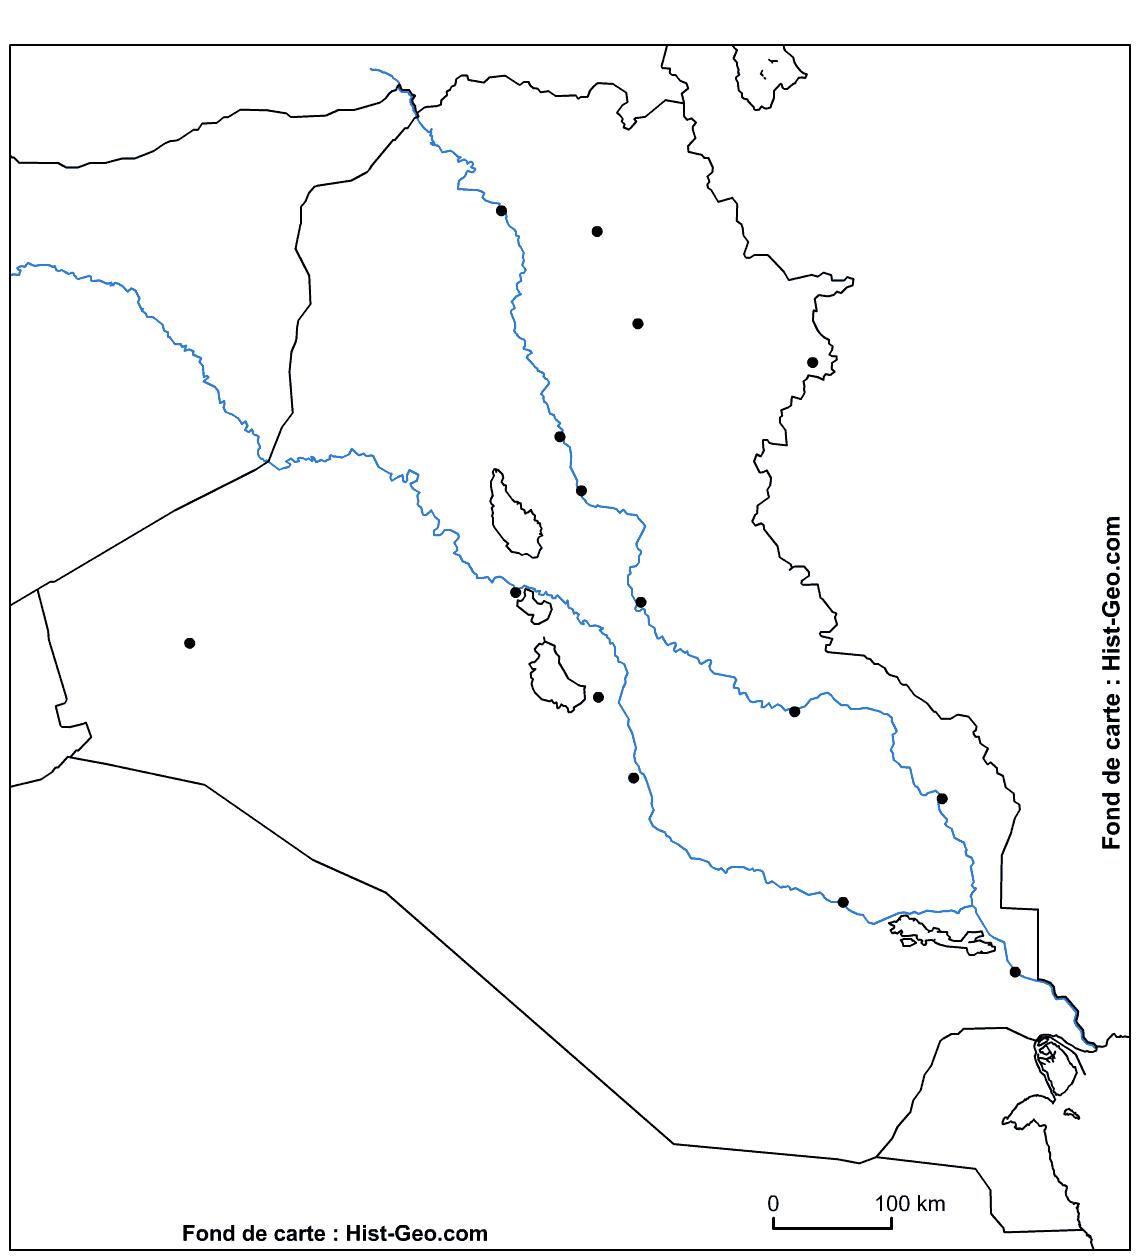 Fond De Carte Sur L'irak (Fleuves, Principales Villes) pour Carte France Vierge Villes